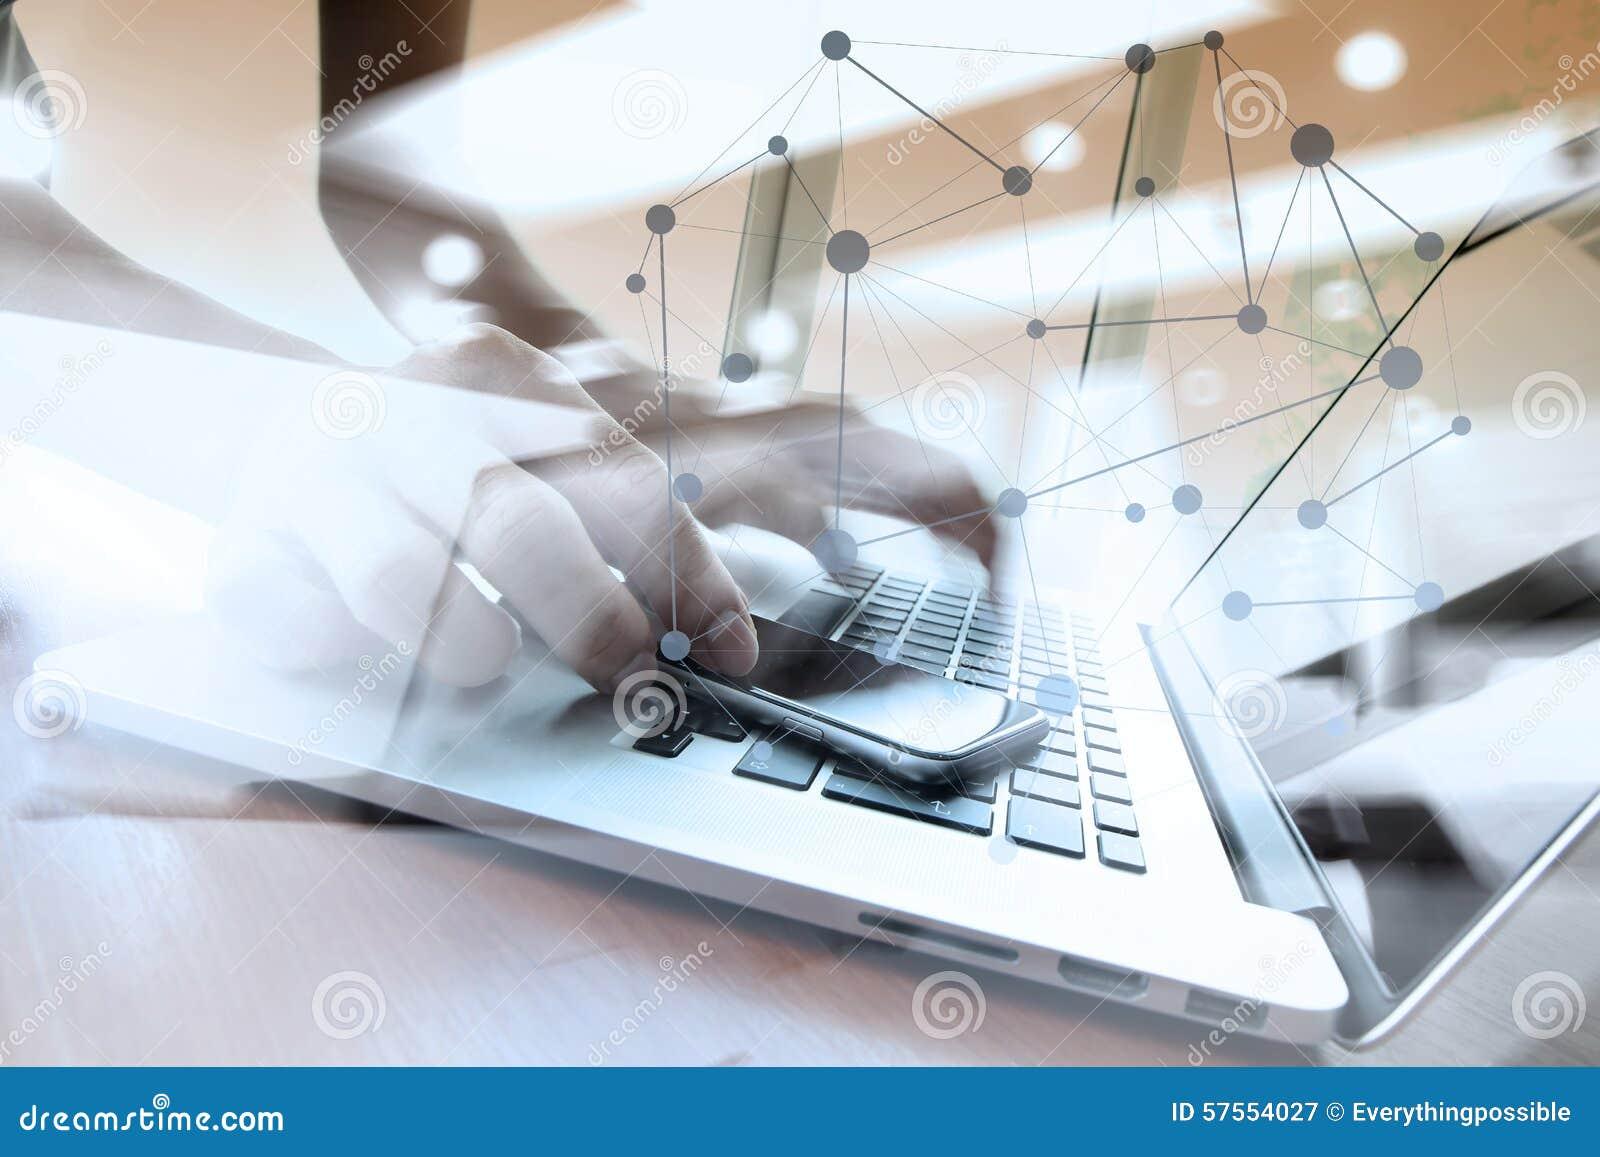 Computer exposure